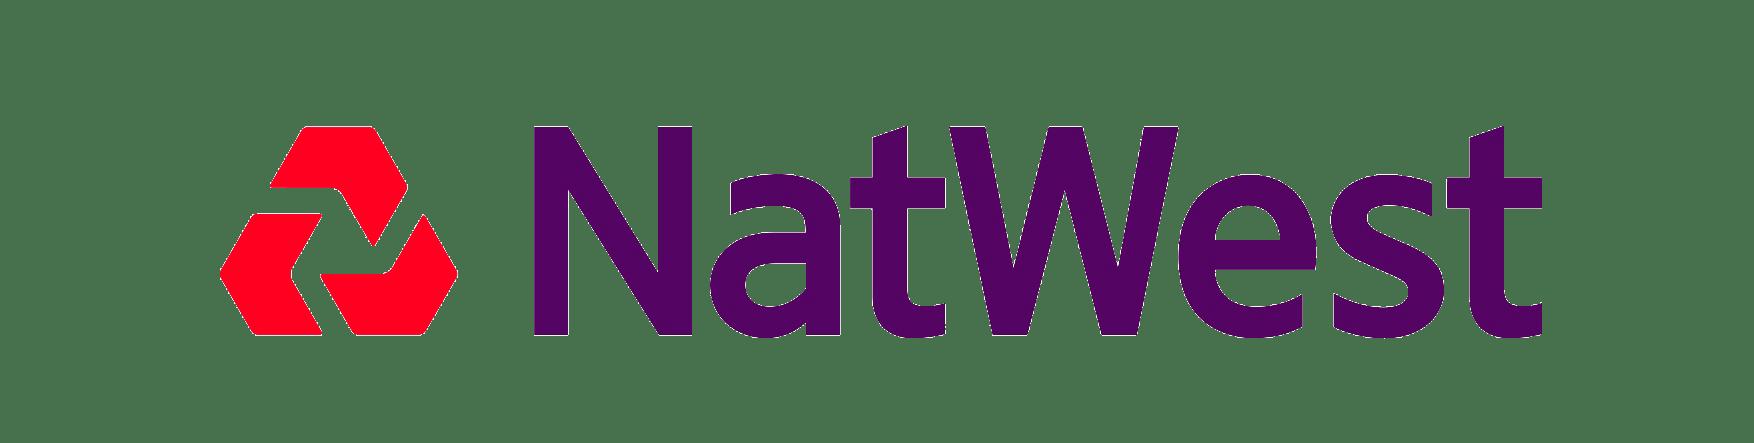 natwest-bank-logo